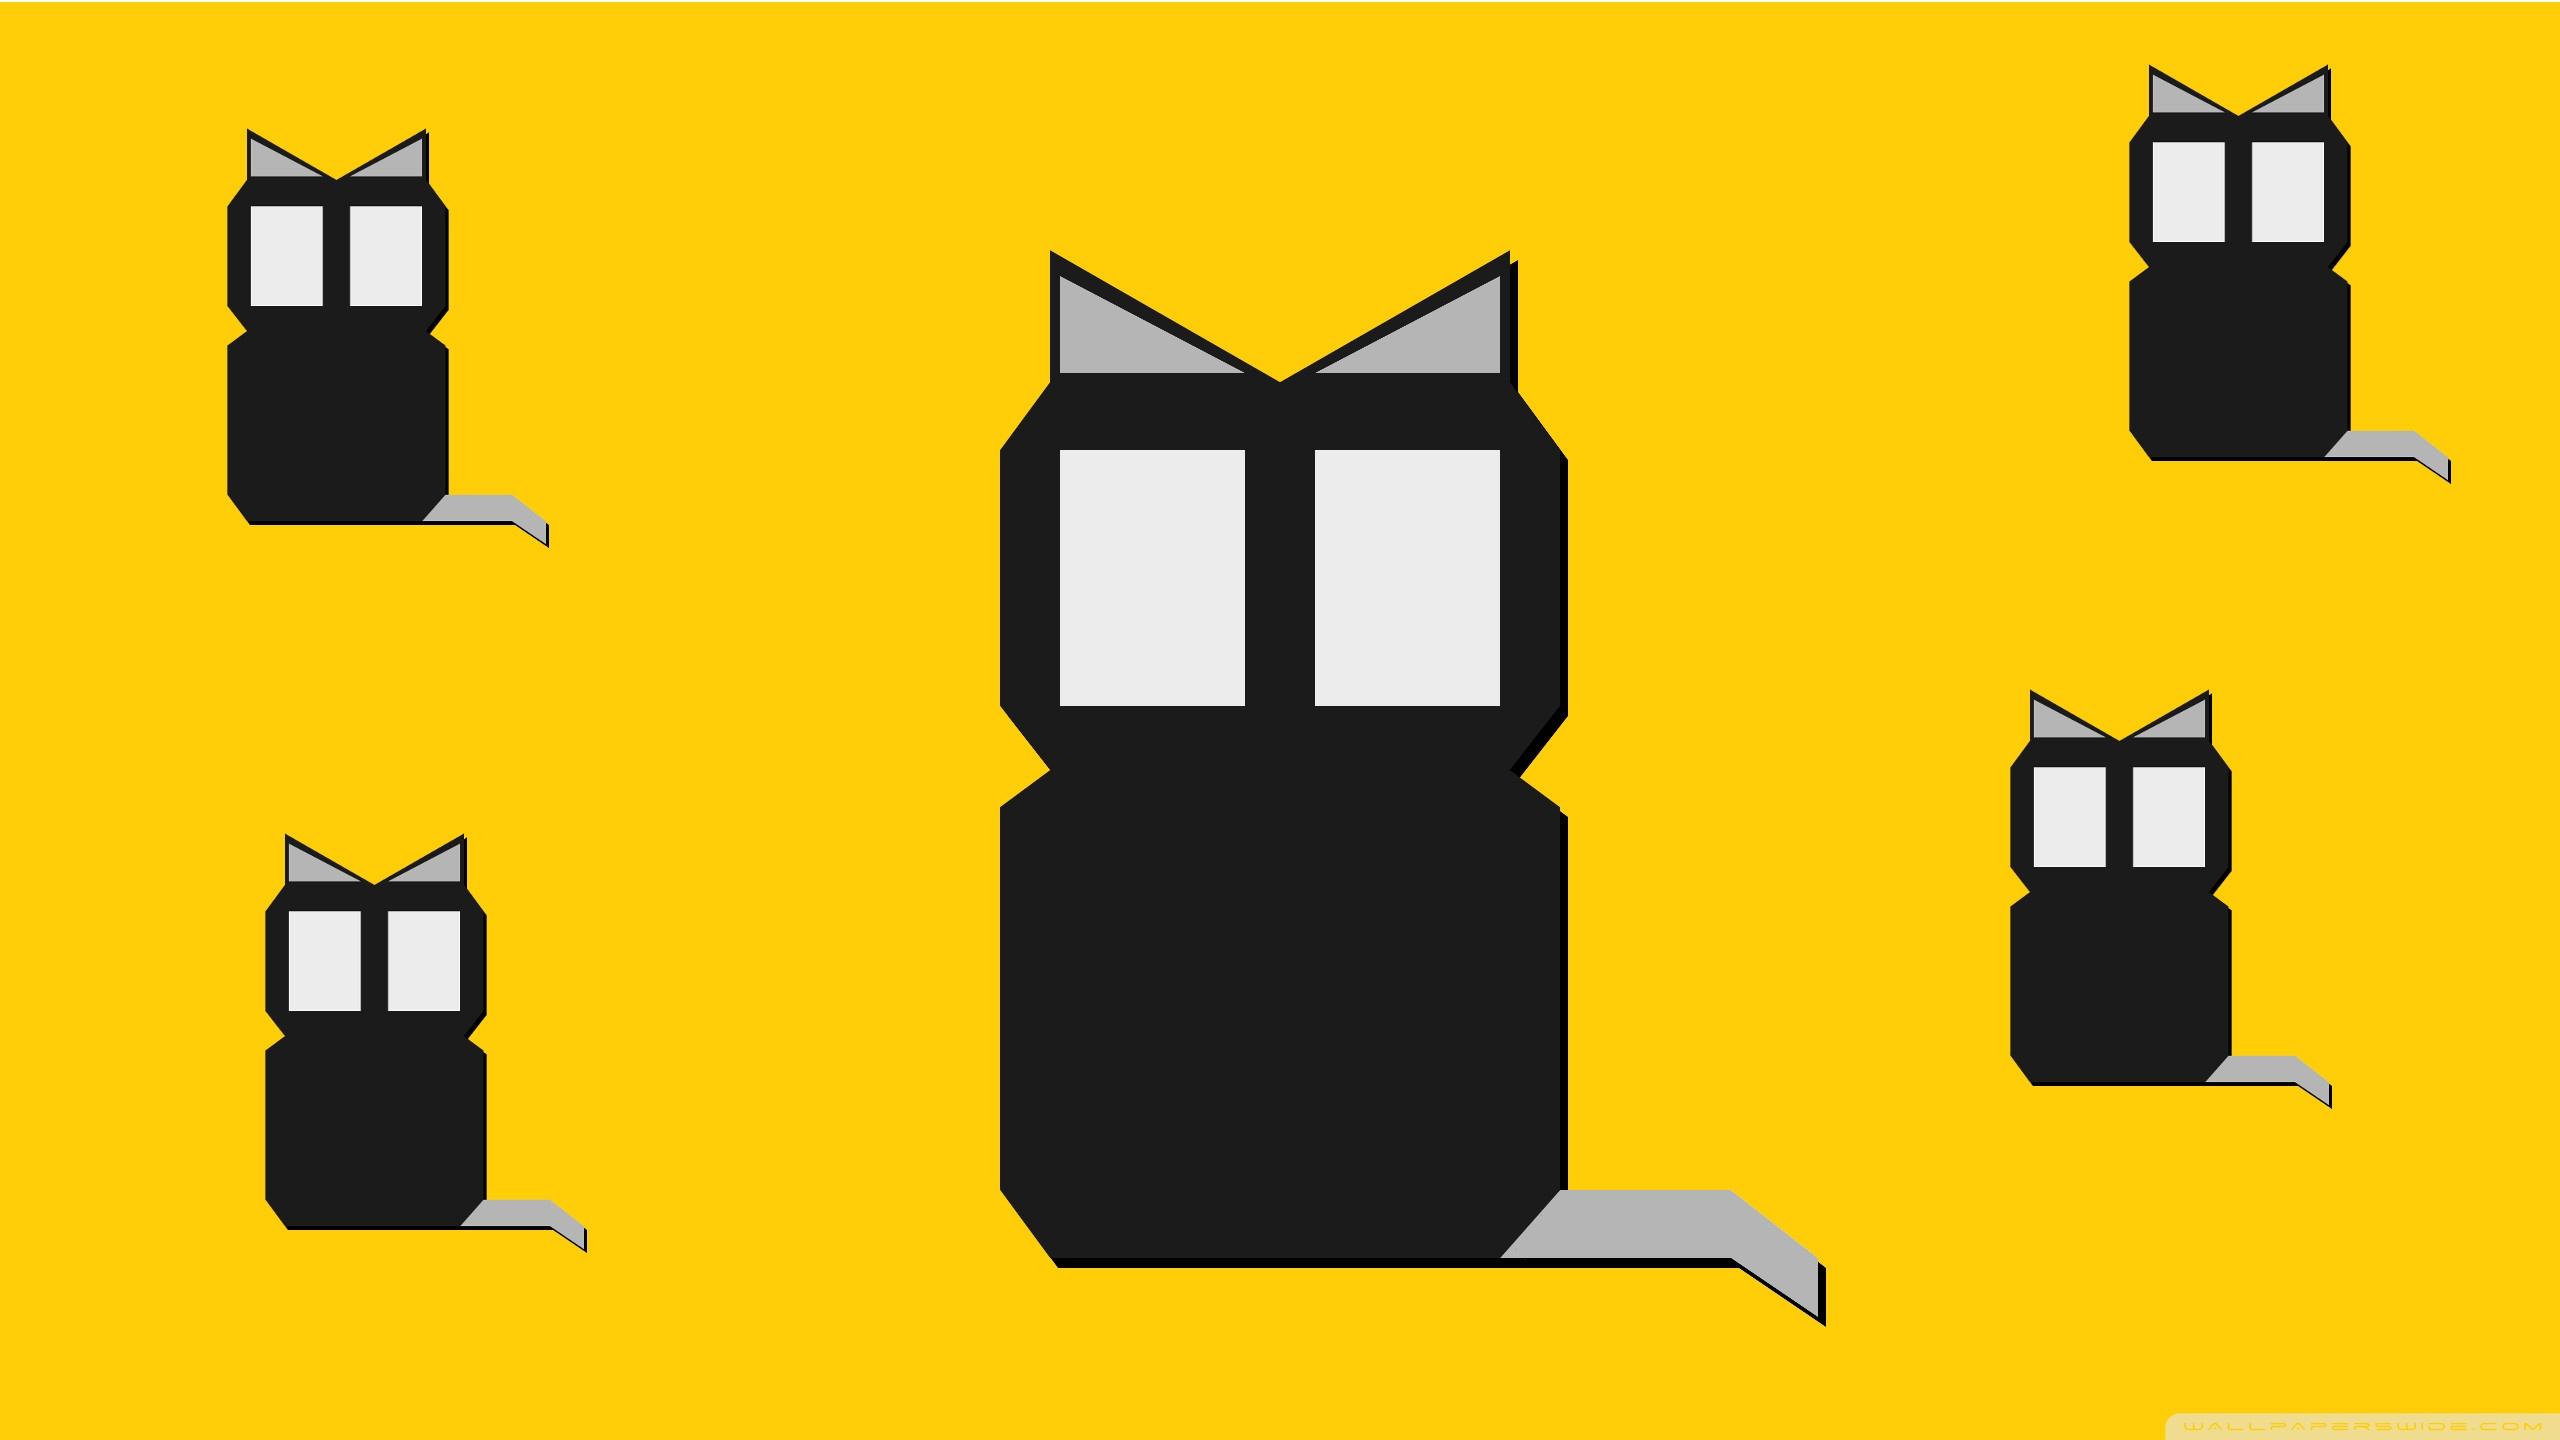 Cats HD desktop wallpaper : Widescreen : High Definition.